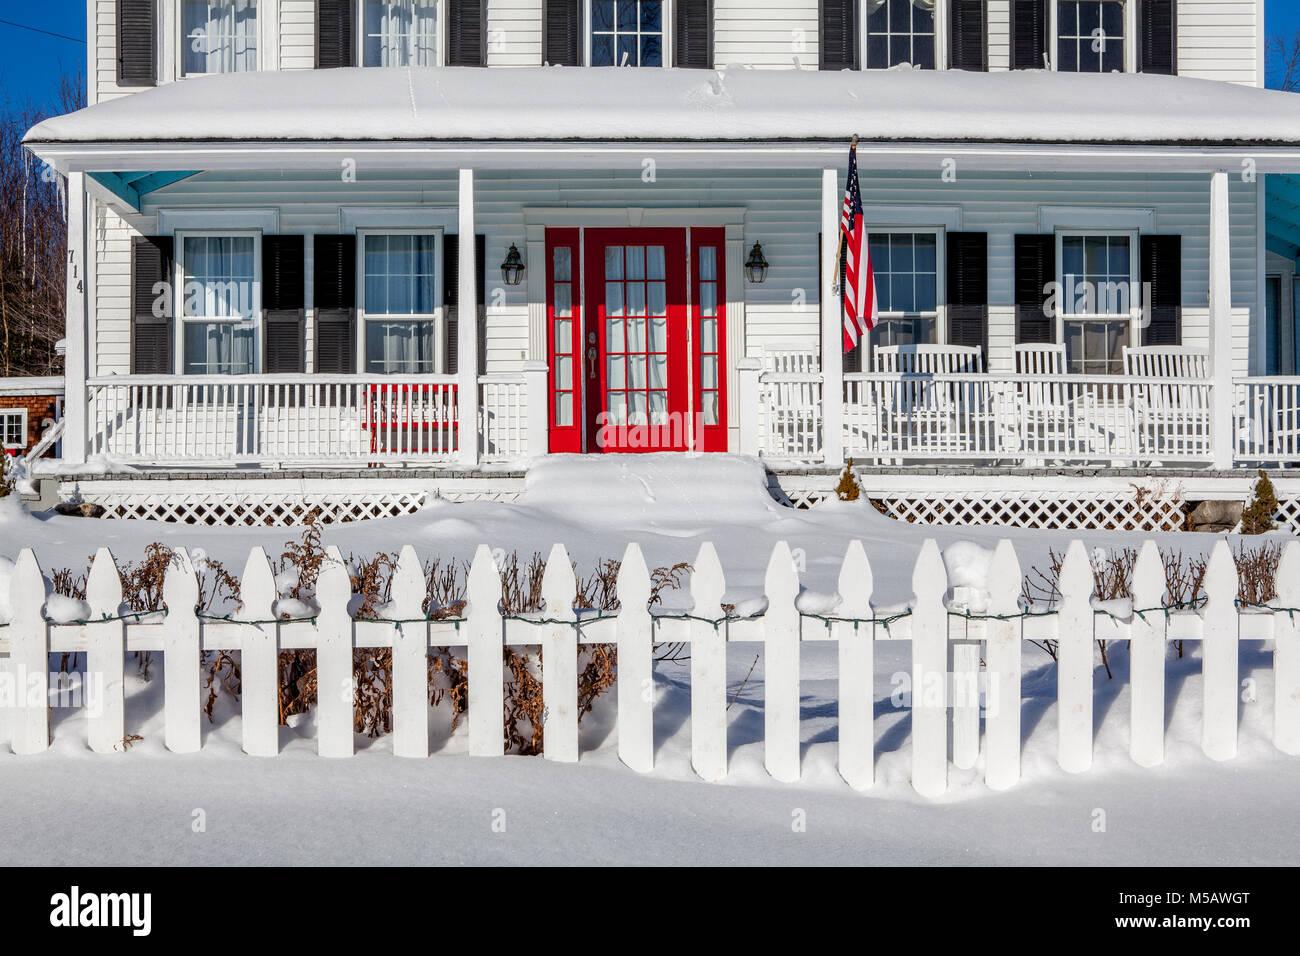 Gewaltig Amerikanische Terrasse Ideen Von Traditionelle Rhumb Home Mit Roten Tür, Flagge,